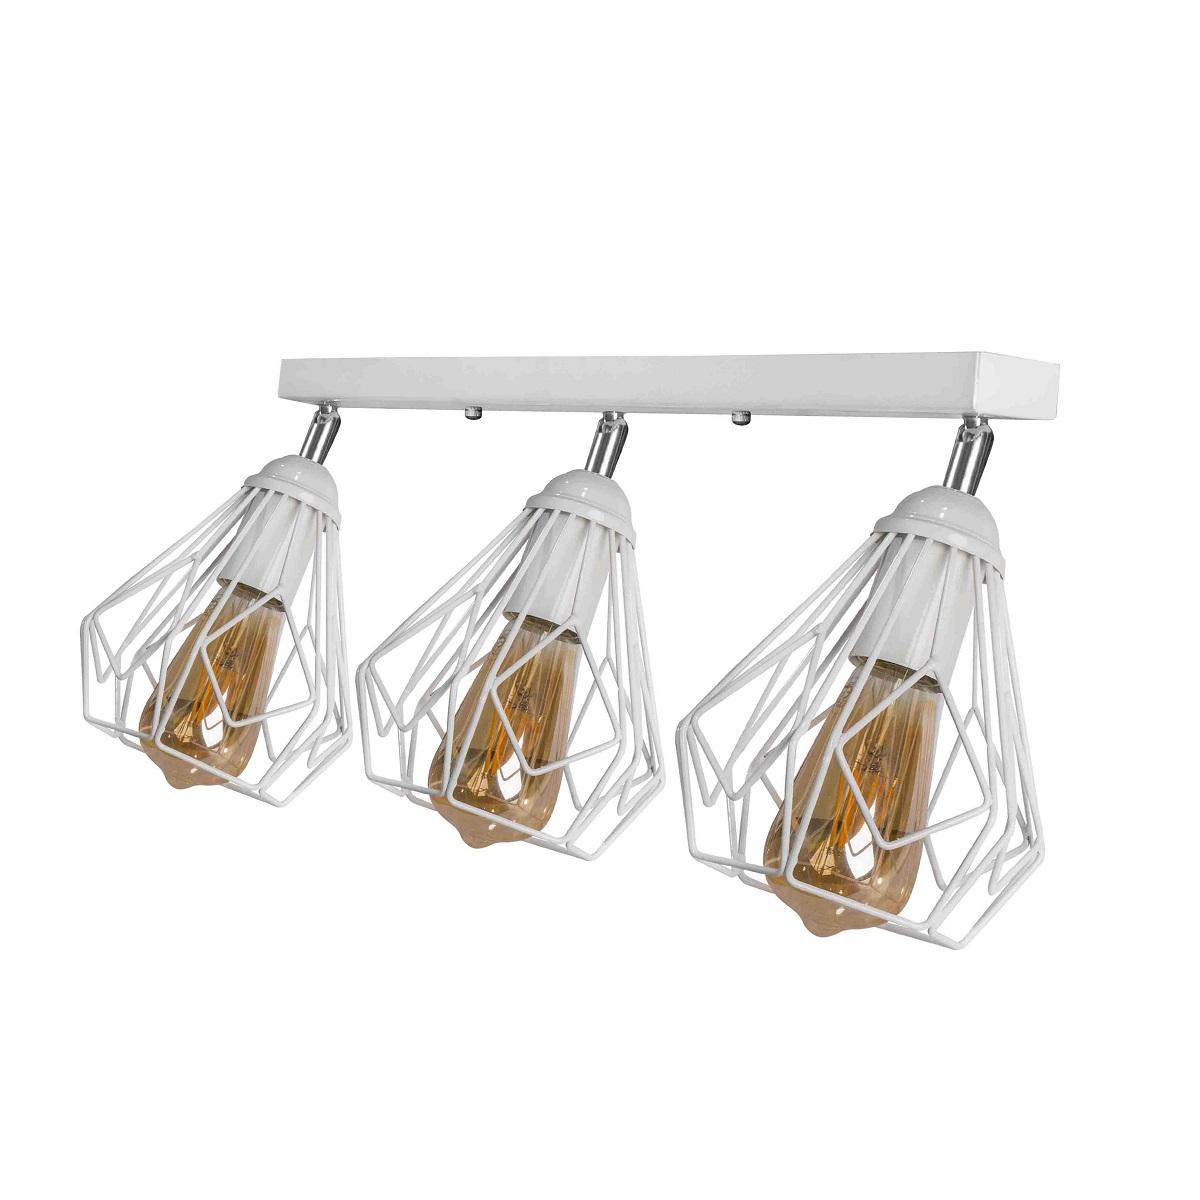 Светильники ЛОФТ - Люстра лофт потолочная с поворотным плафоном 000002794 - Фото 1